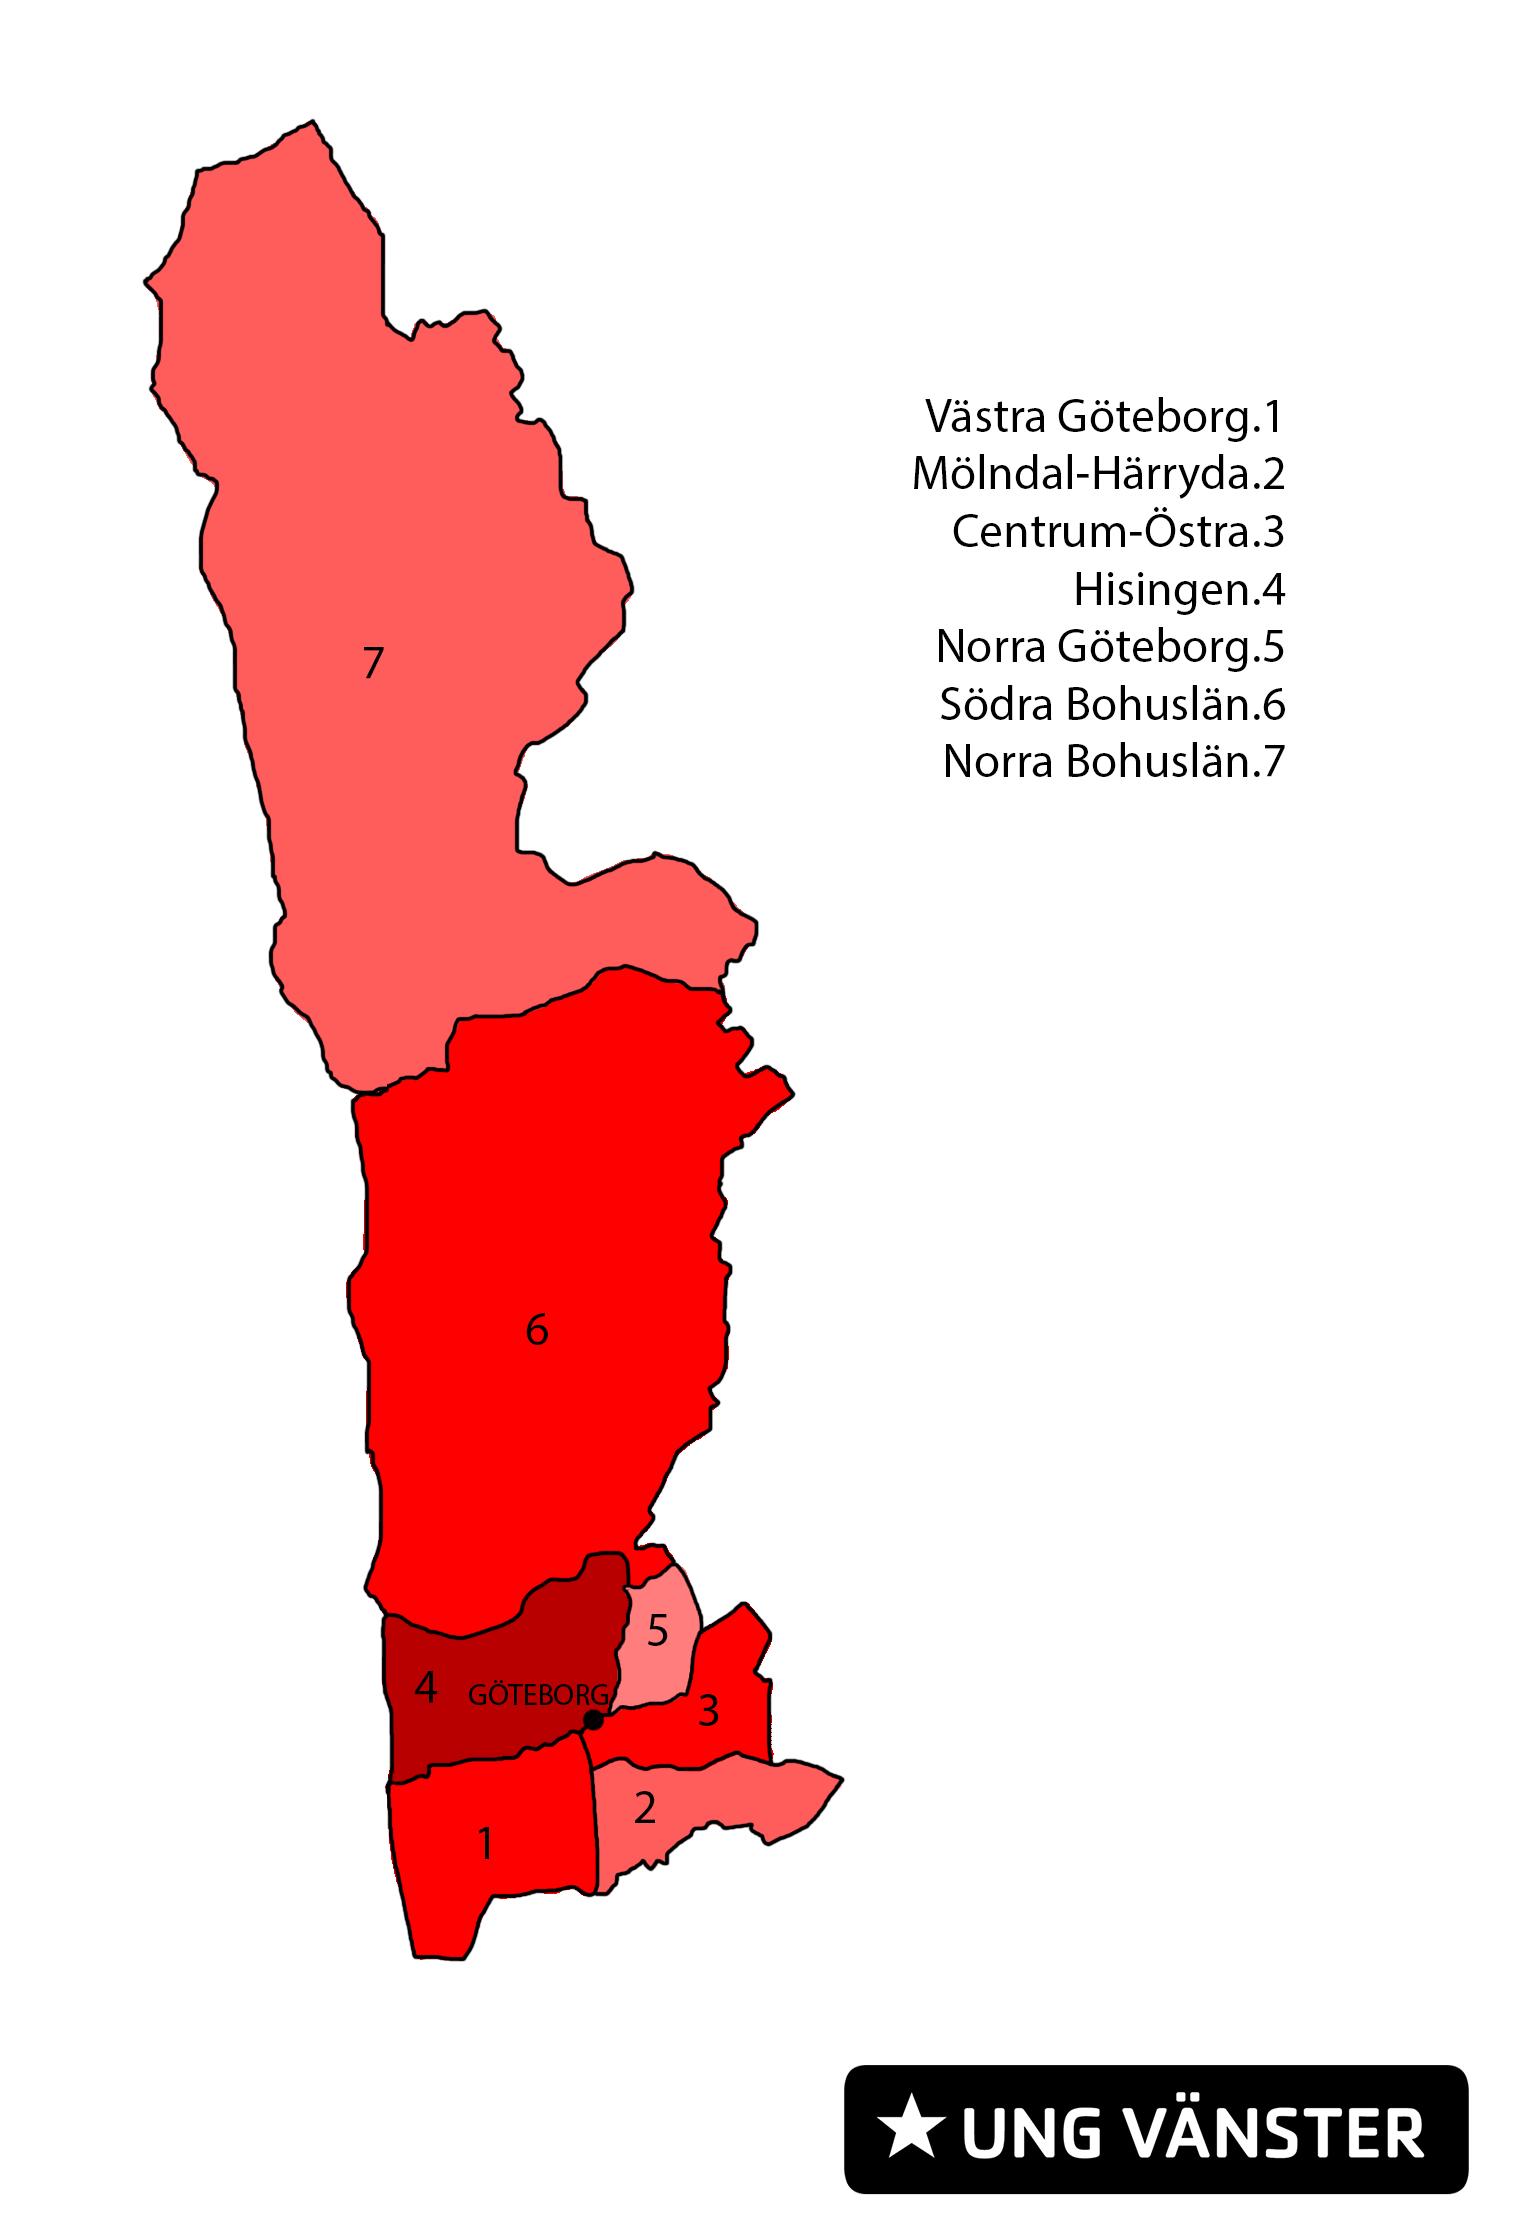 Ung Vänster - Göteborg Bohuslän